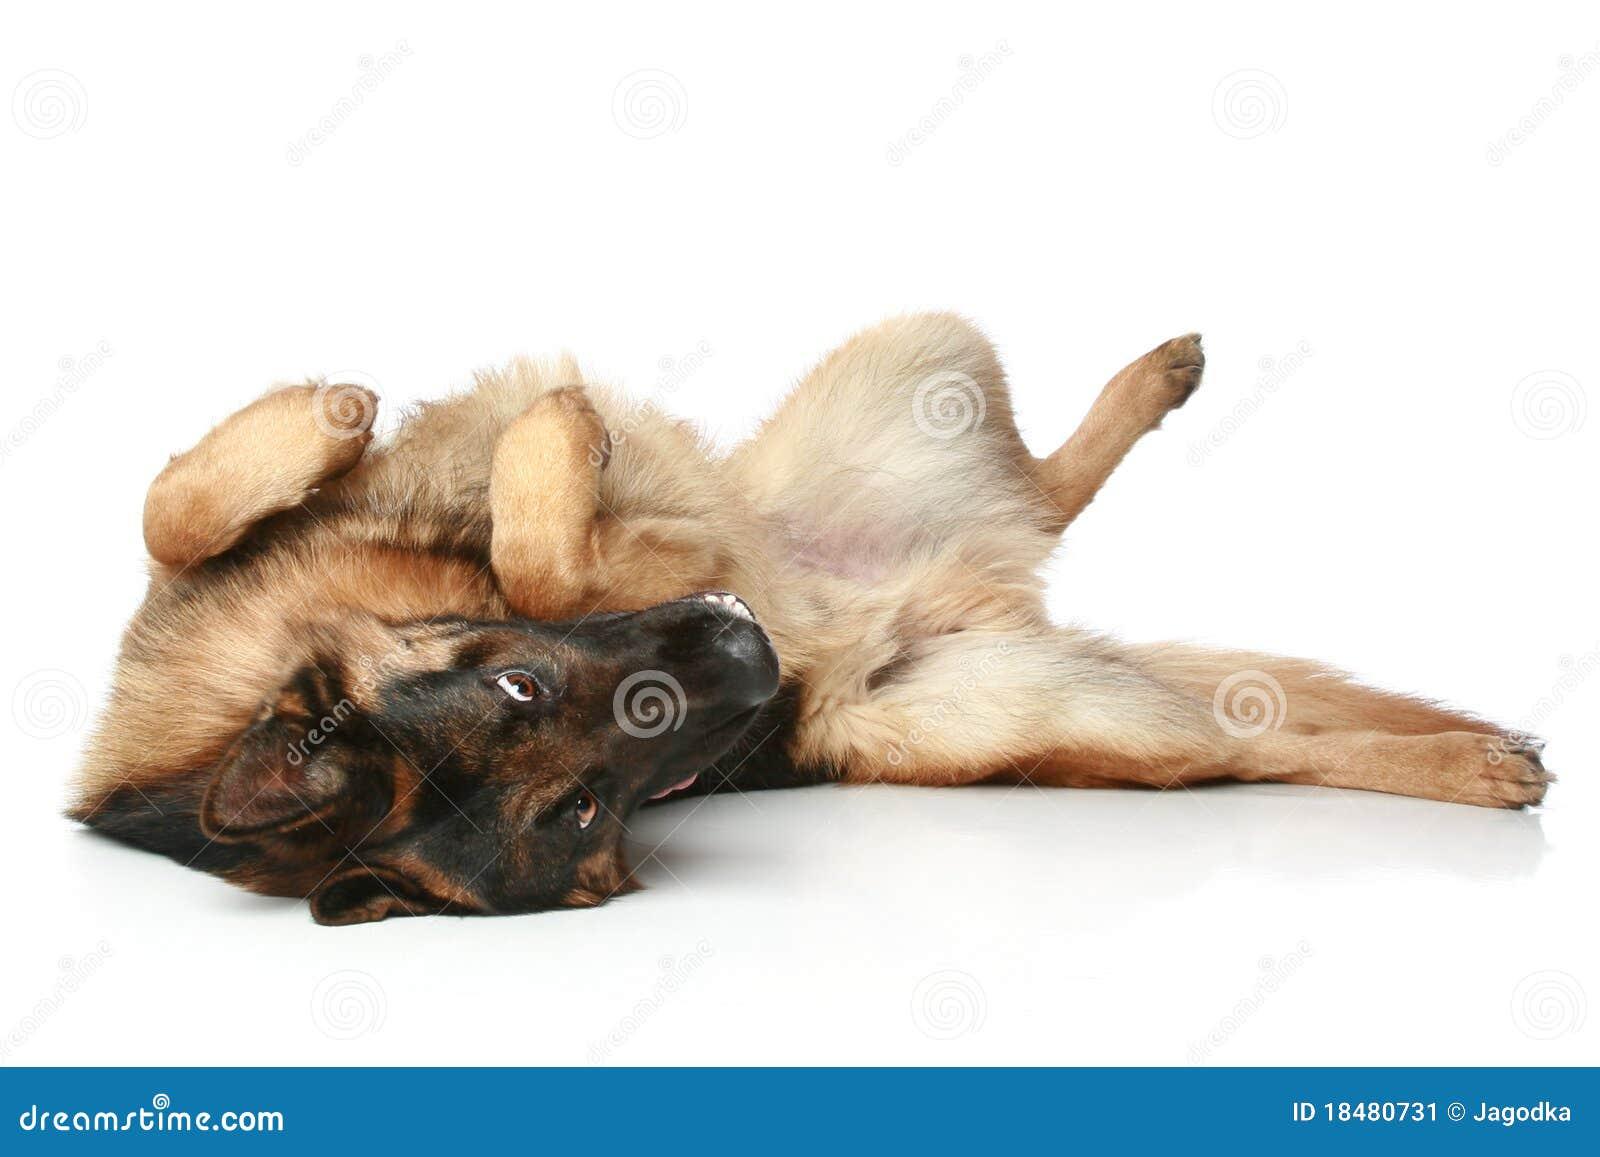 Wolf lying on back - photo#12